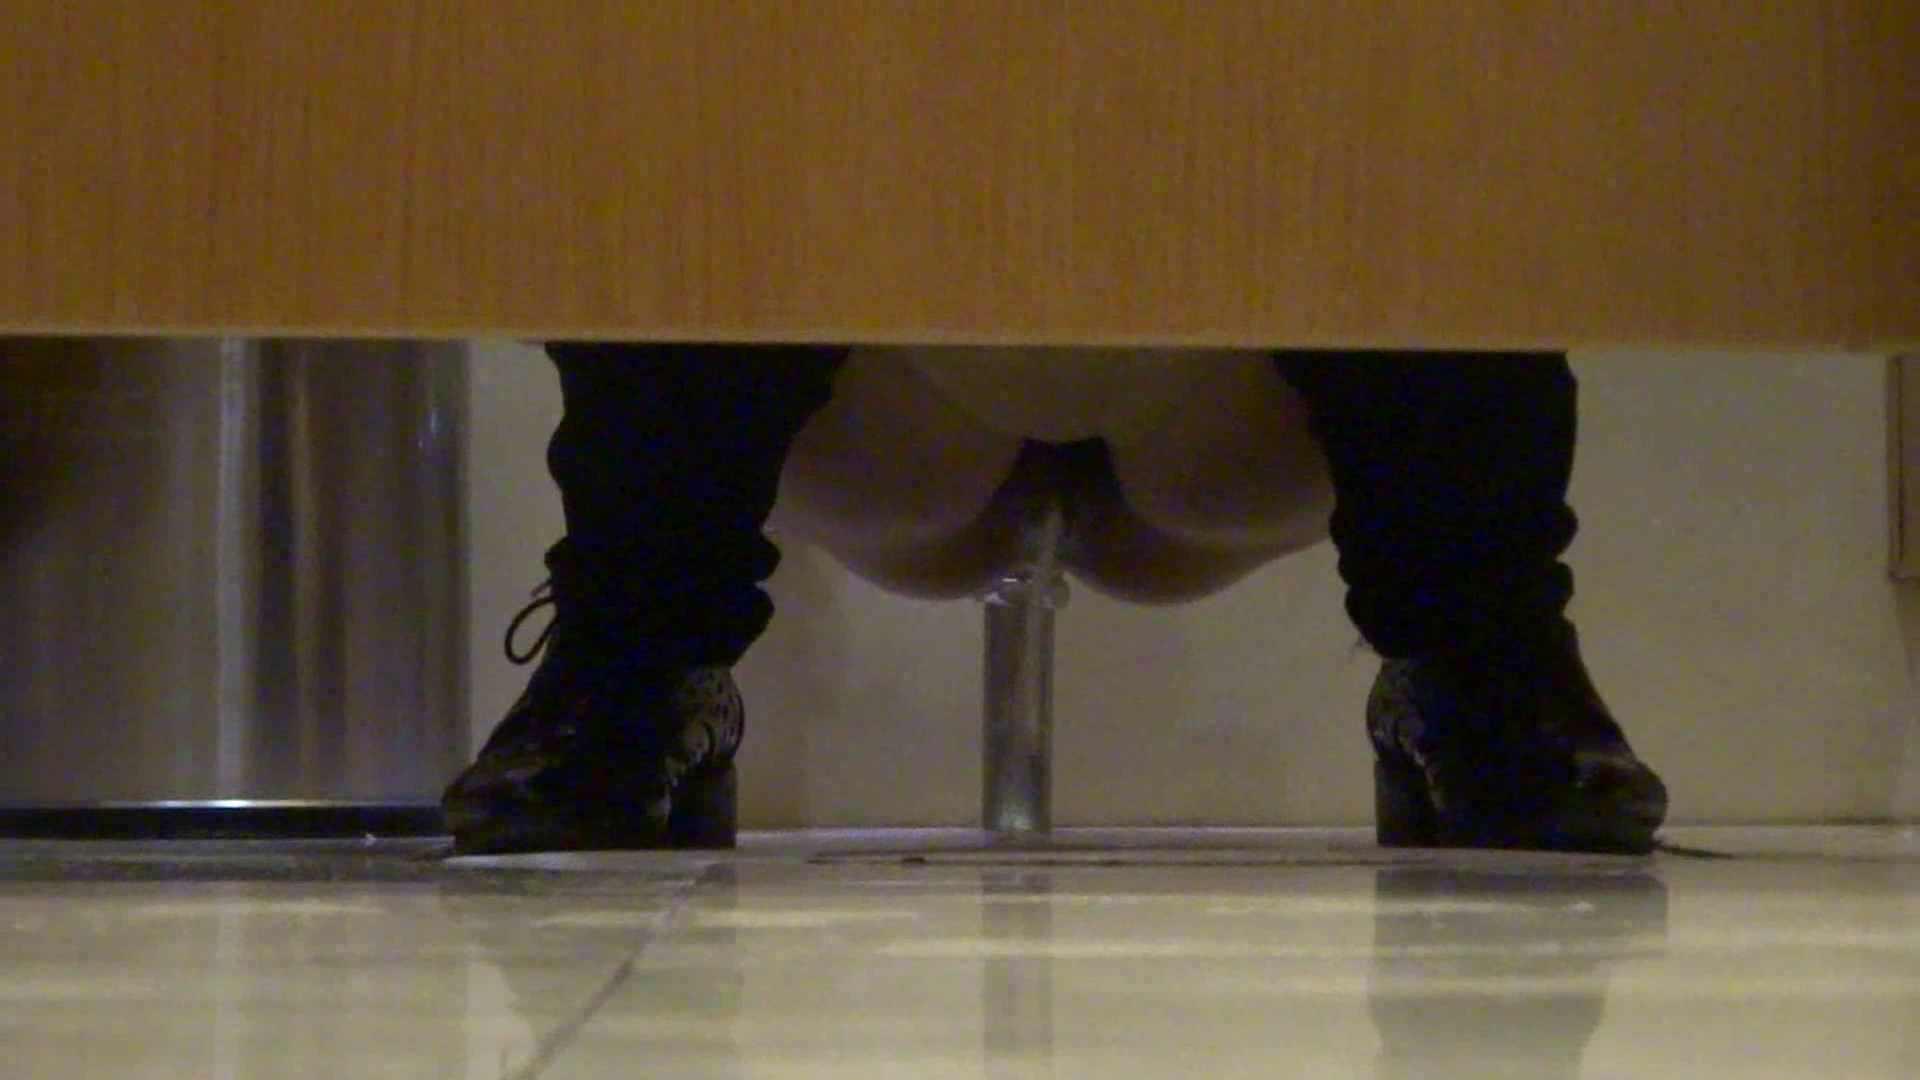 「噂」の国の厠観察日記2 Vol.16 厠隠し撮り われめAV動画紹介 92pic 26